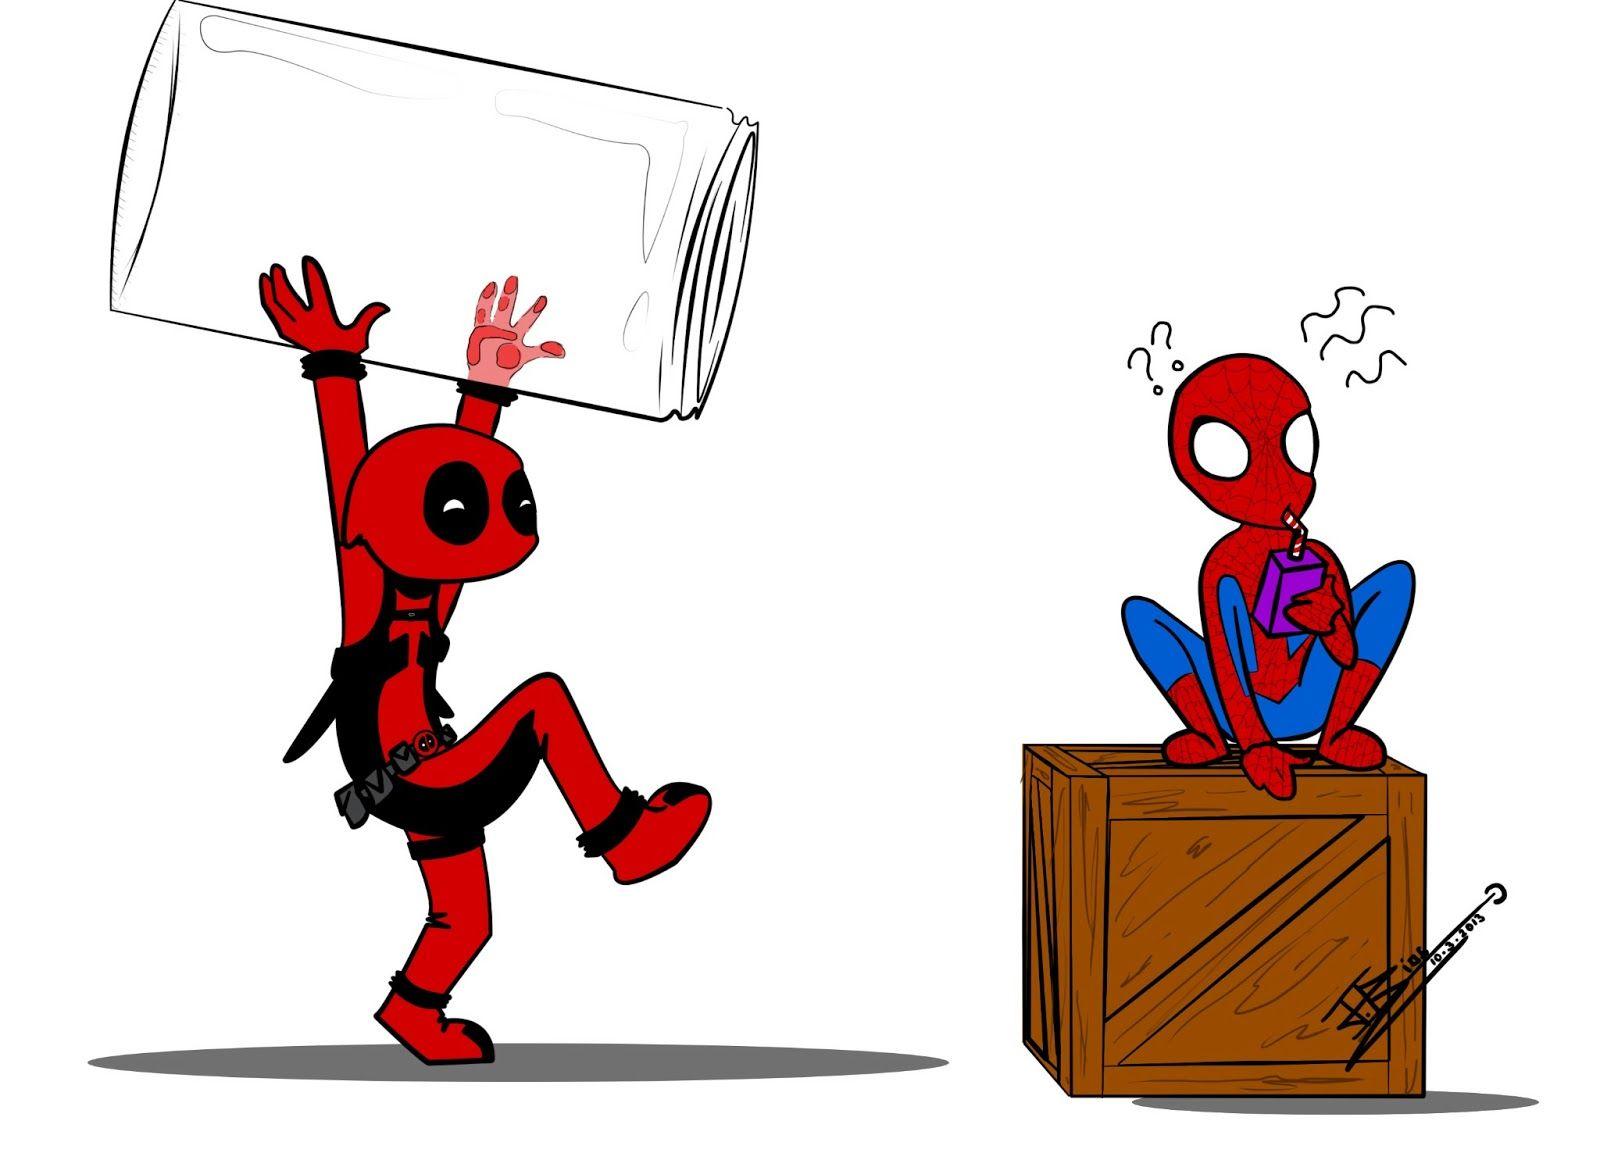 этой картинки дедпула и человека паука срисовать маленькие делом подготовил